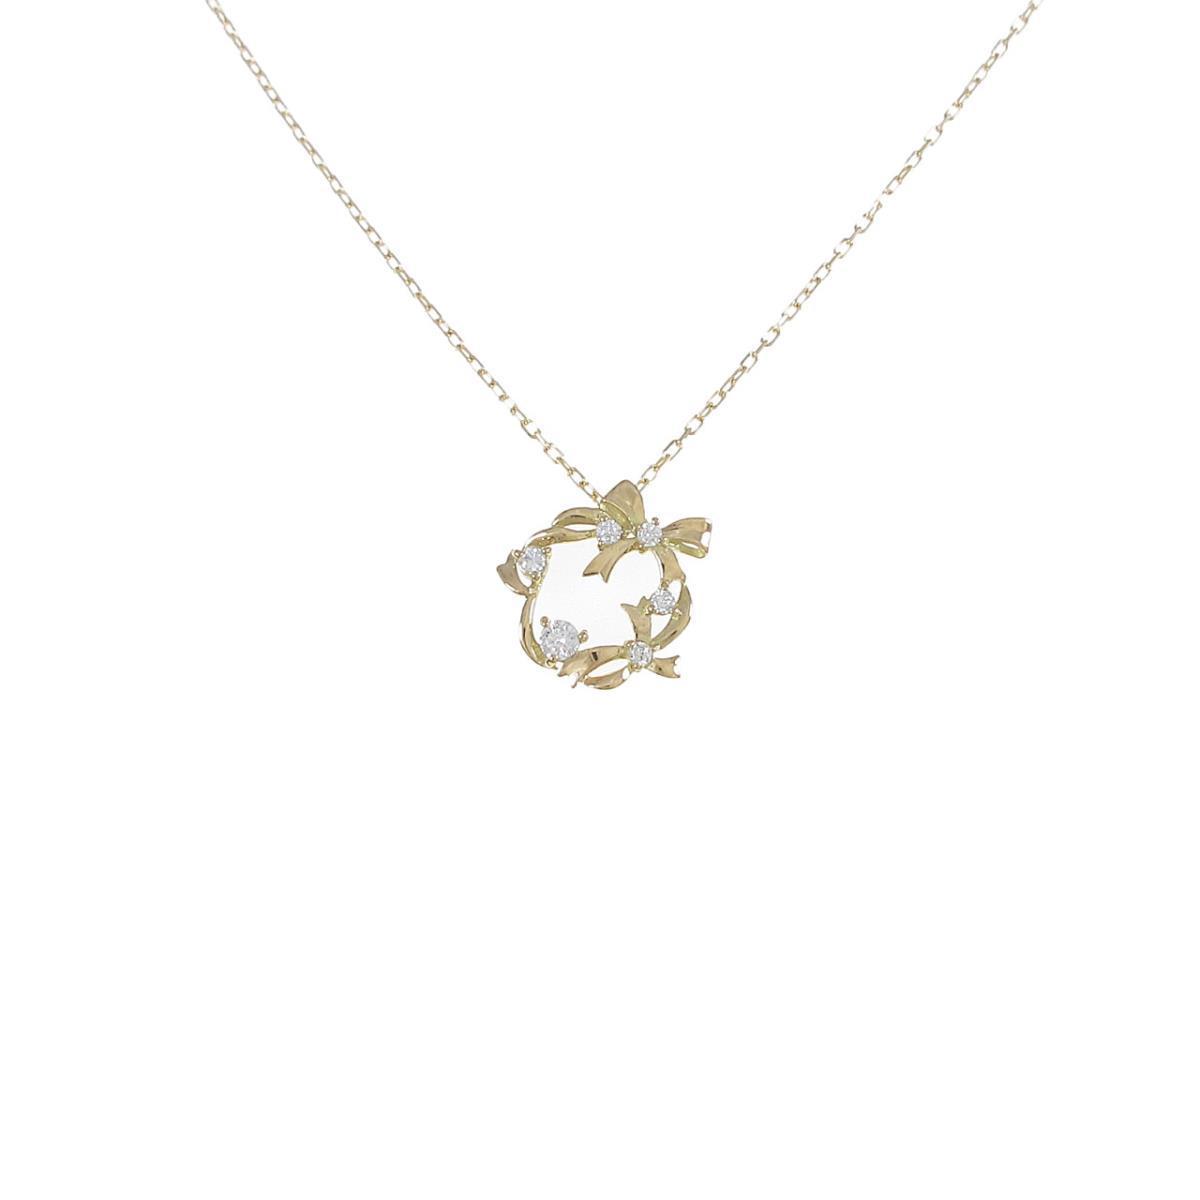 【リメイク】K18YG リボン ダイヤモンドネックレス【中古】